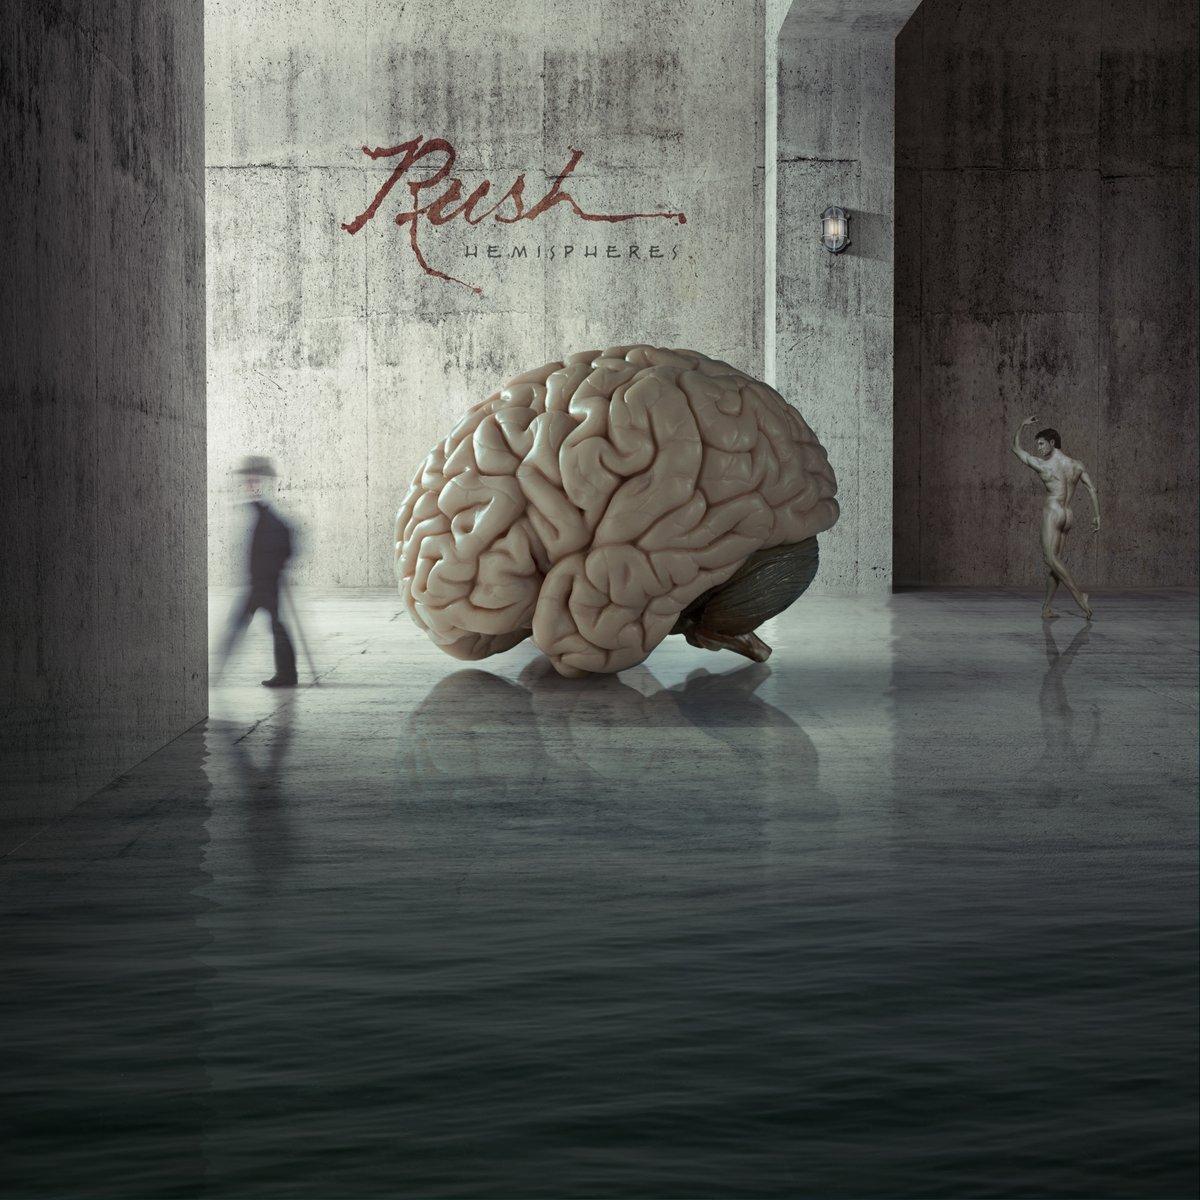 Rush – Hemispheres